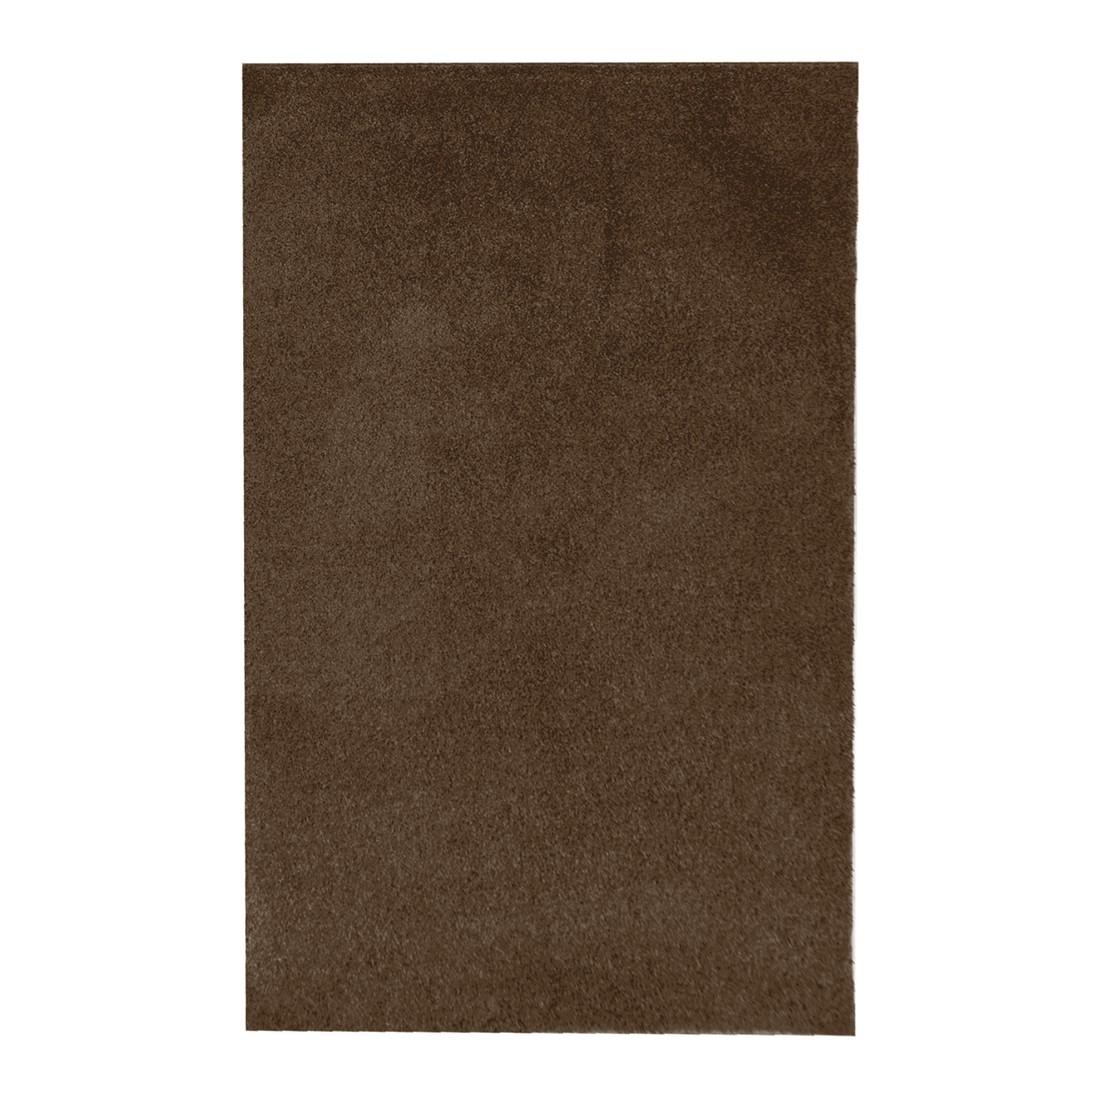 shaggy teppich preisvergleich die besten angebote online kaufen. Black Bedroom Furniture Sets. Home Design Ideas